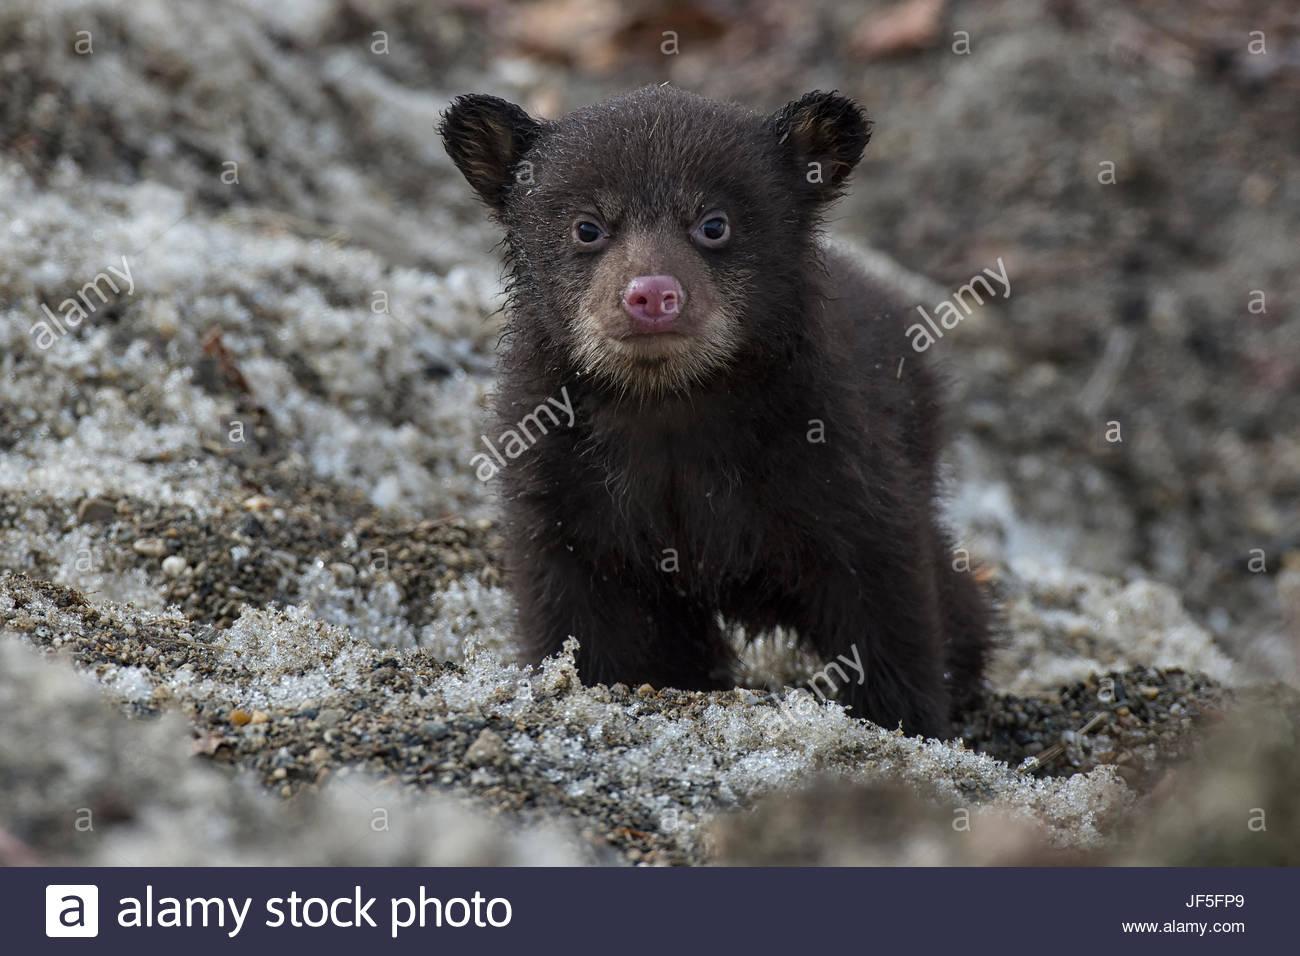 Porträt von ein Wochen alte Black Bear Cub, aus seiner Höhle zum ersten Mal. Stockbild